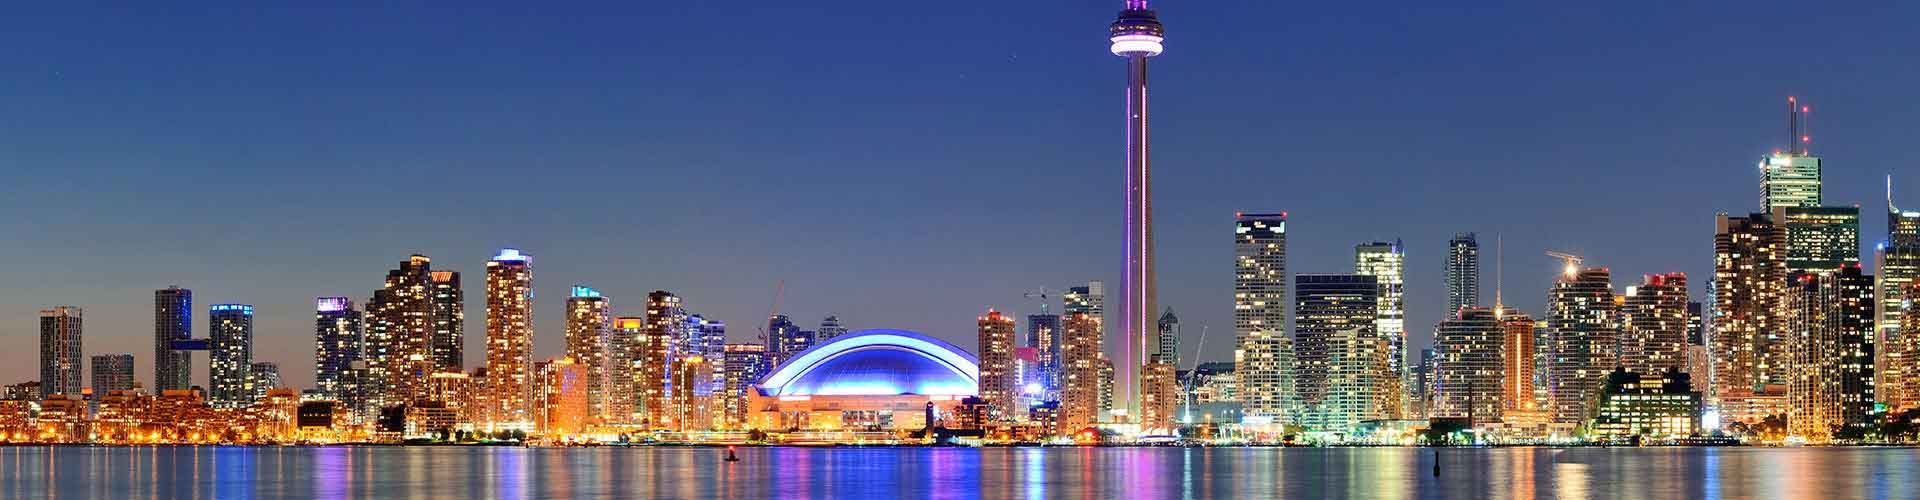 Toronto - Hoteles baratos en el distrito Riverdale. Mapas de Toronto, Fotos y comentarios de cada Hotel barato en Toronto.